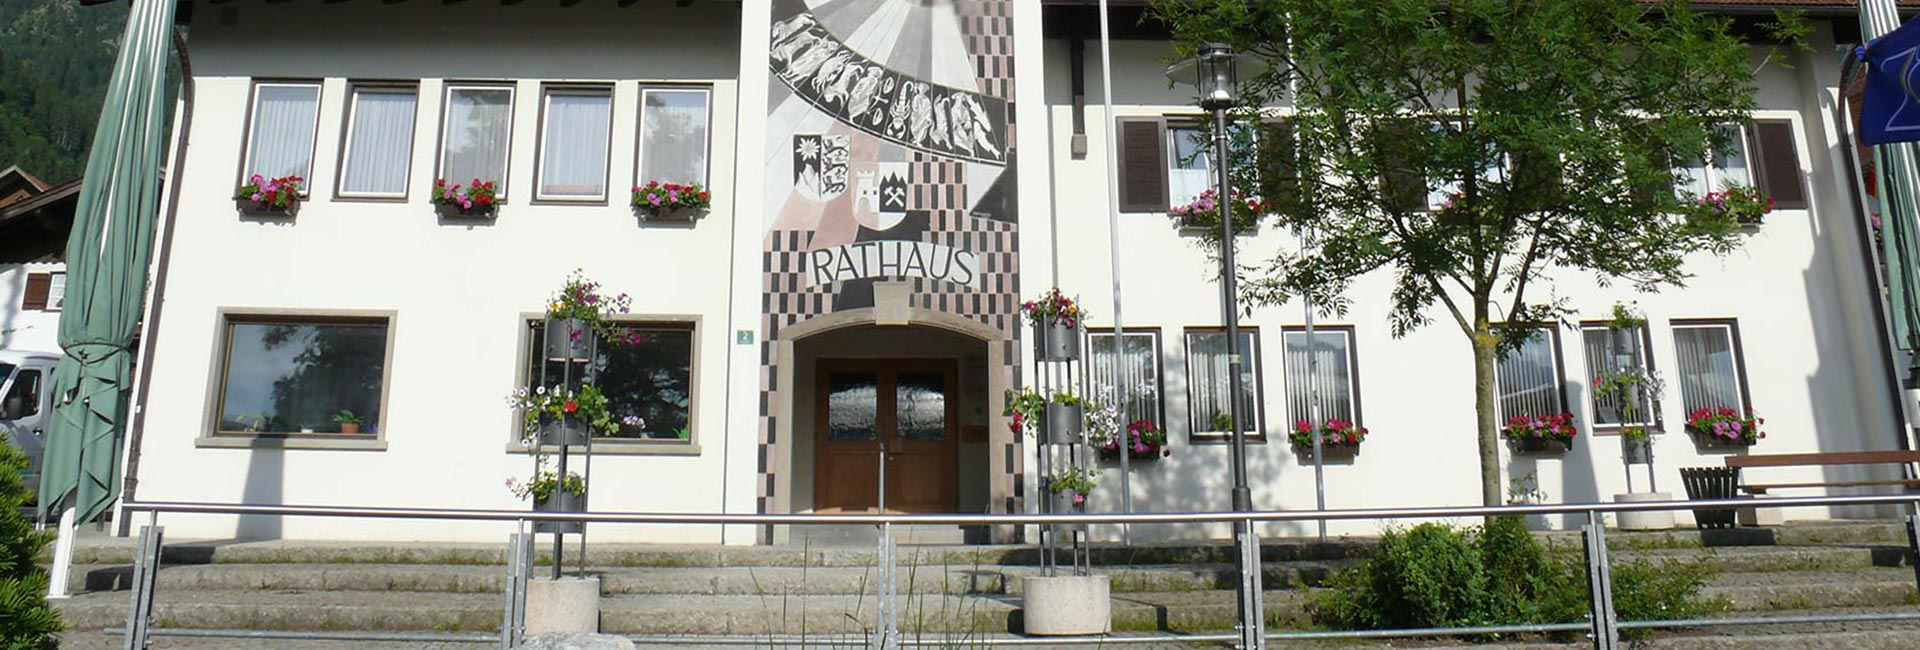 Rathaus Burgberg im Allgäu